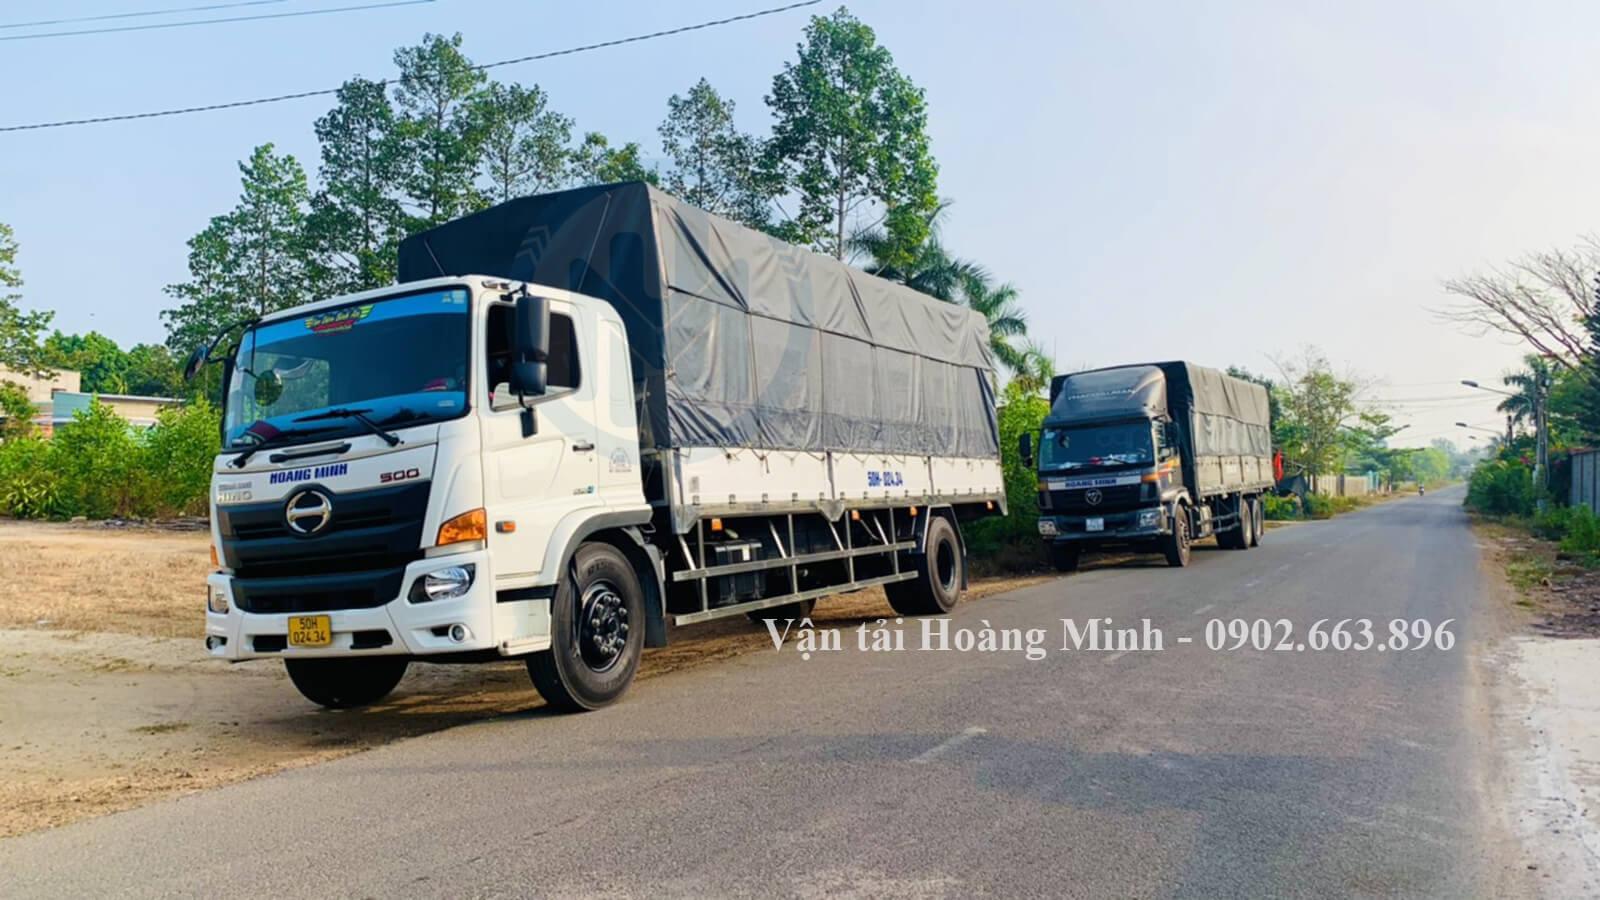 Vận tải Hoàng Minh có cho thuê xe tải chở hàng đi tỉnh không